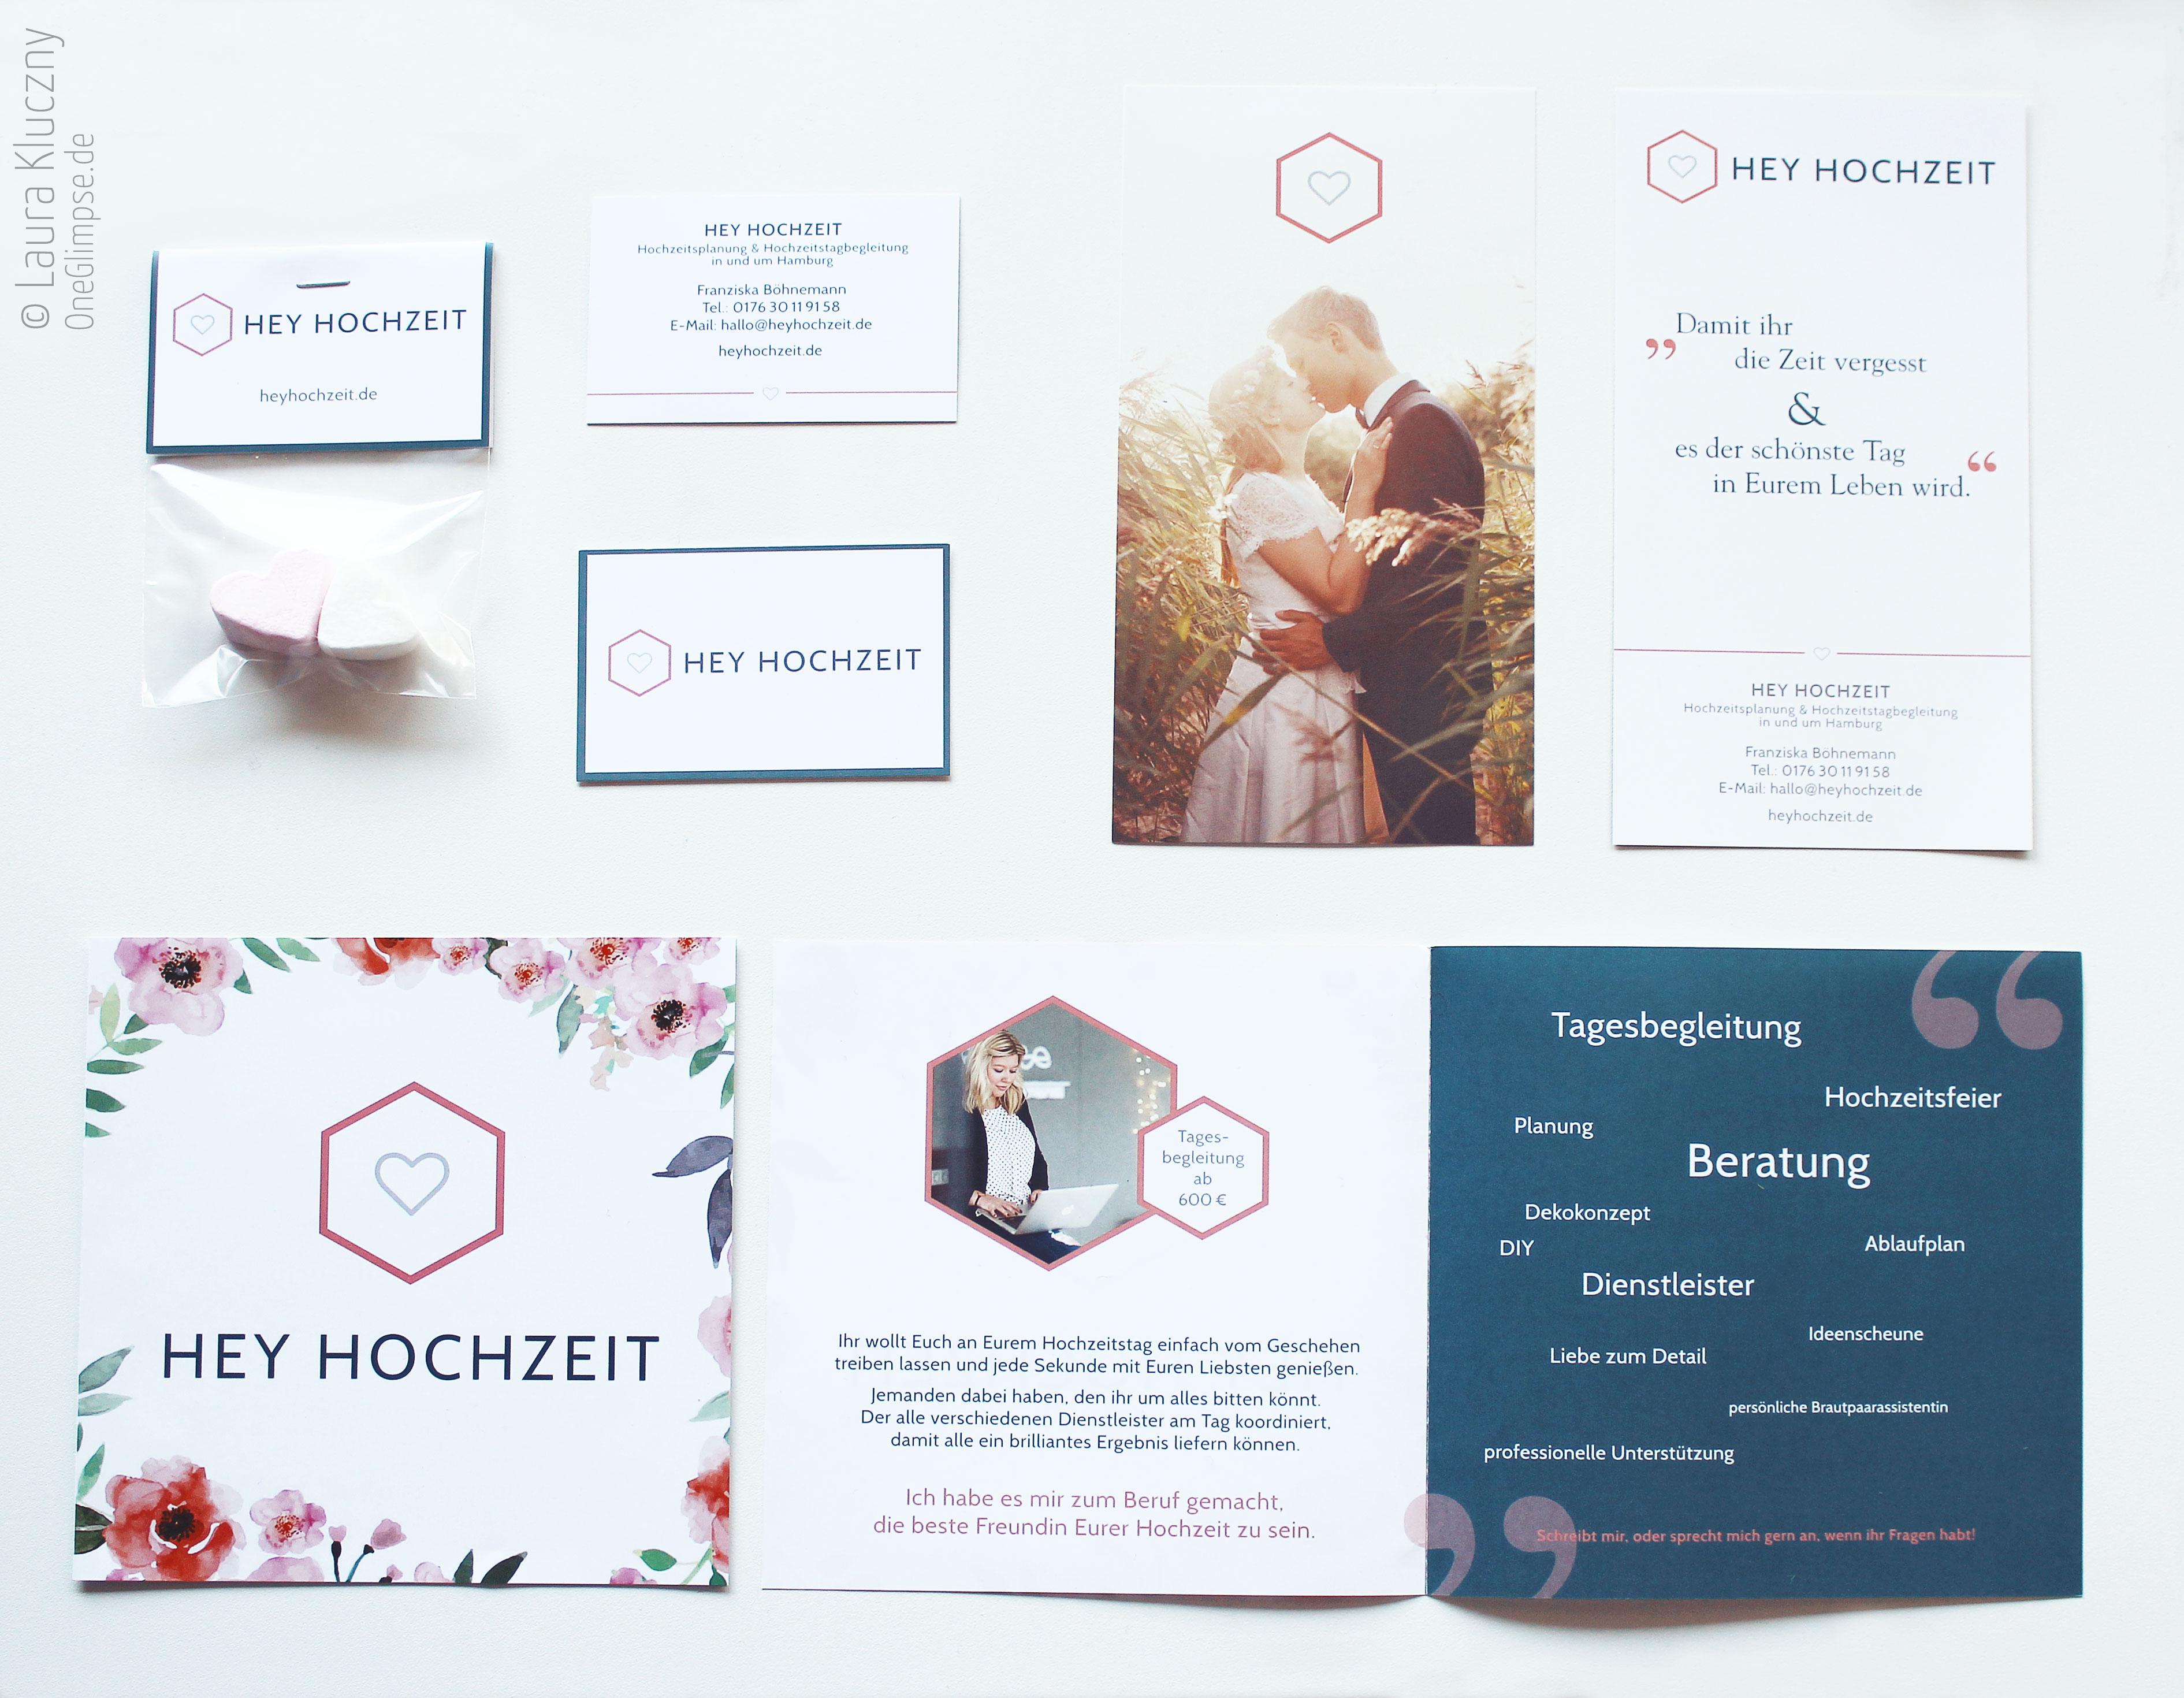 Hey Hochzeit – Corporate Design: Visitenkarte, Flyer / Hochzeitsbegleitung Hamburg